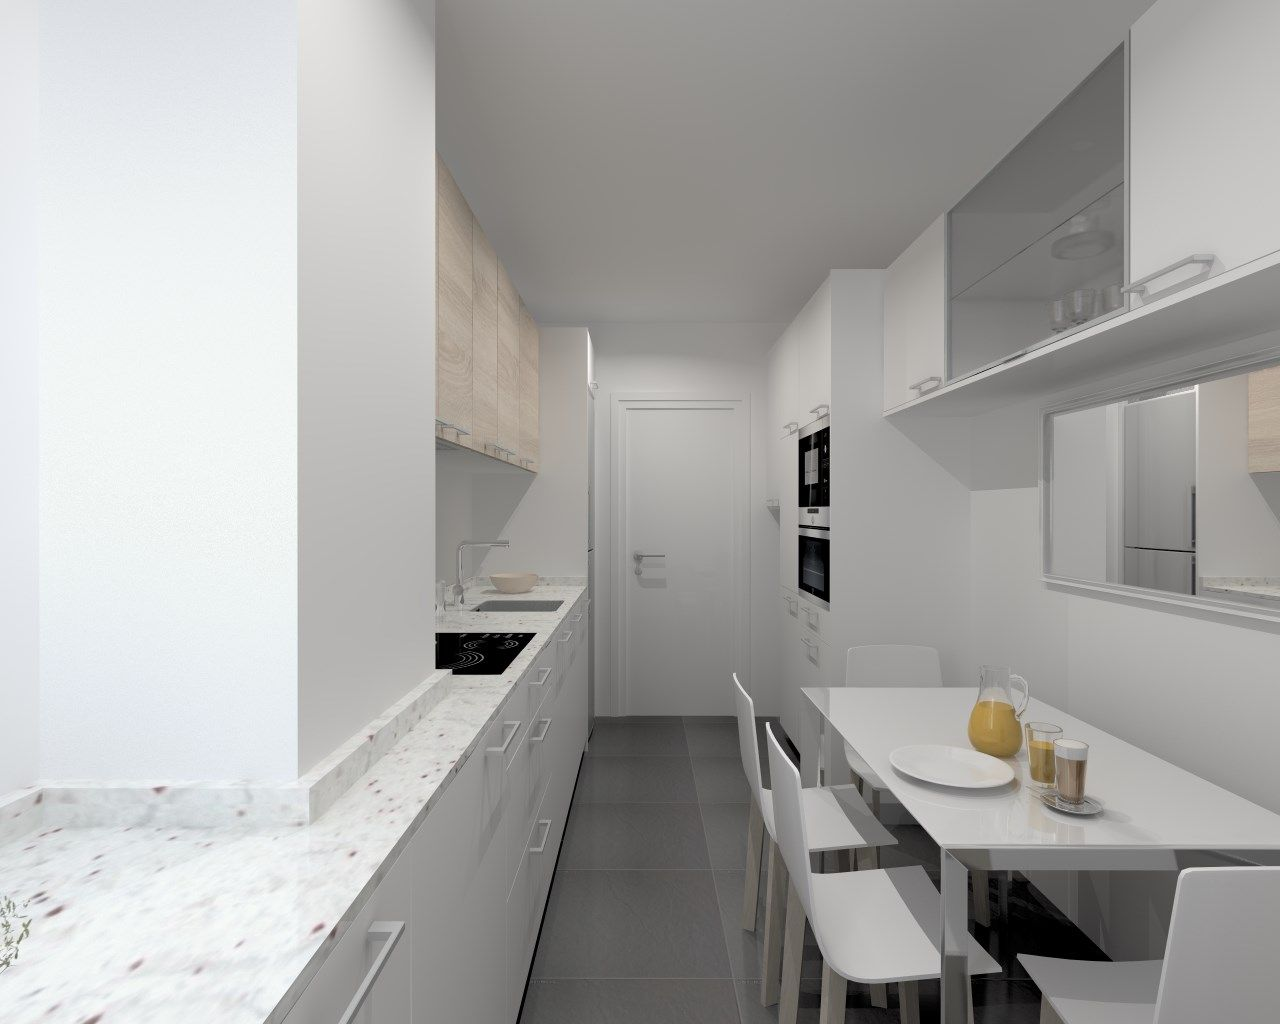 Cocina Santos Modelo Ariane Estratificado Blanco Encimera Granito ...